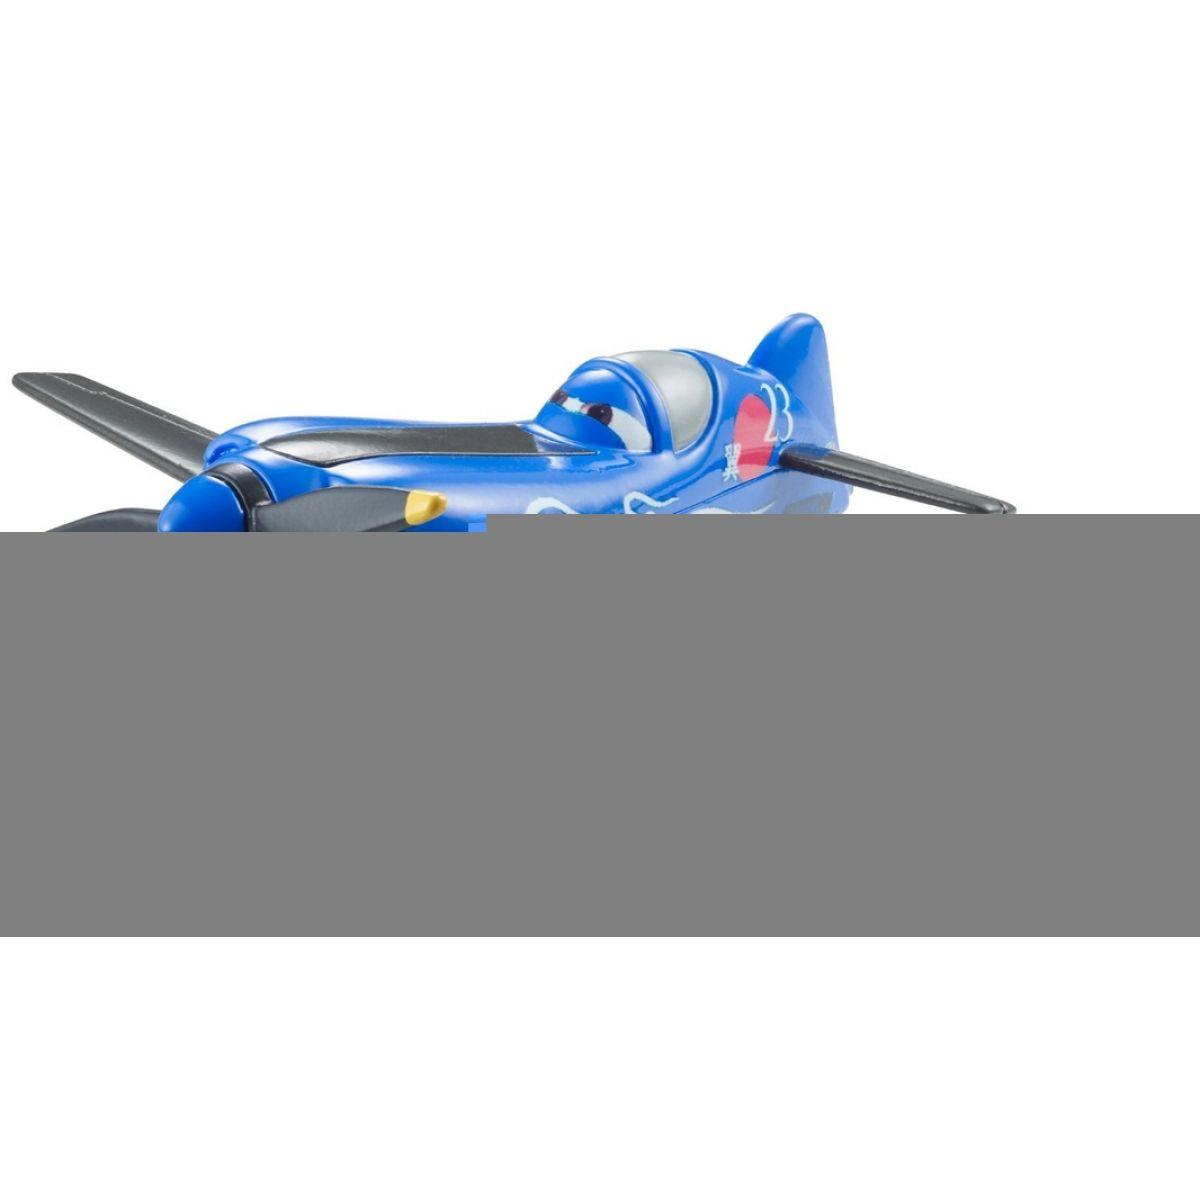 Letadla Planes Mattel X9459 - Tsubasa